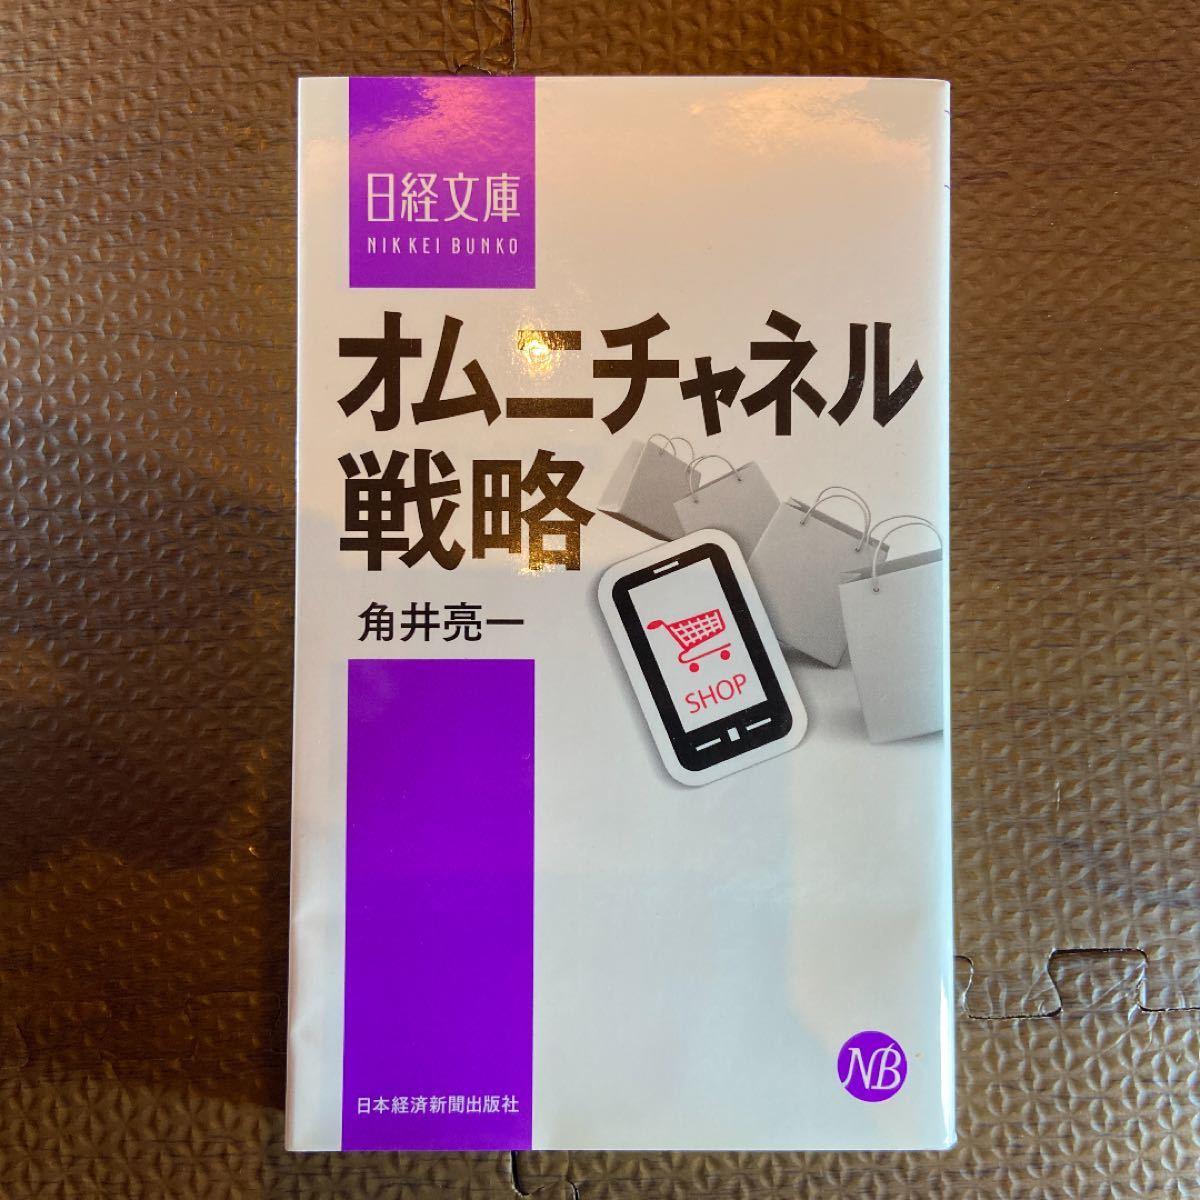 オムニチャネル戦略    / 出版社-日本経済新聞出版社